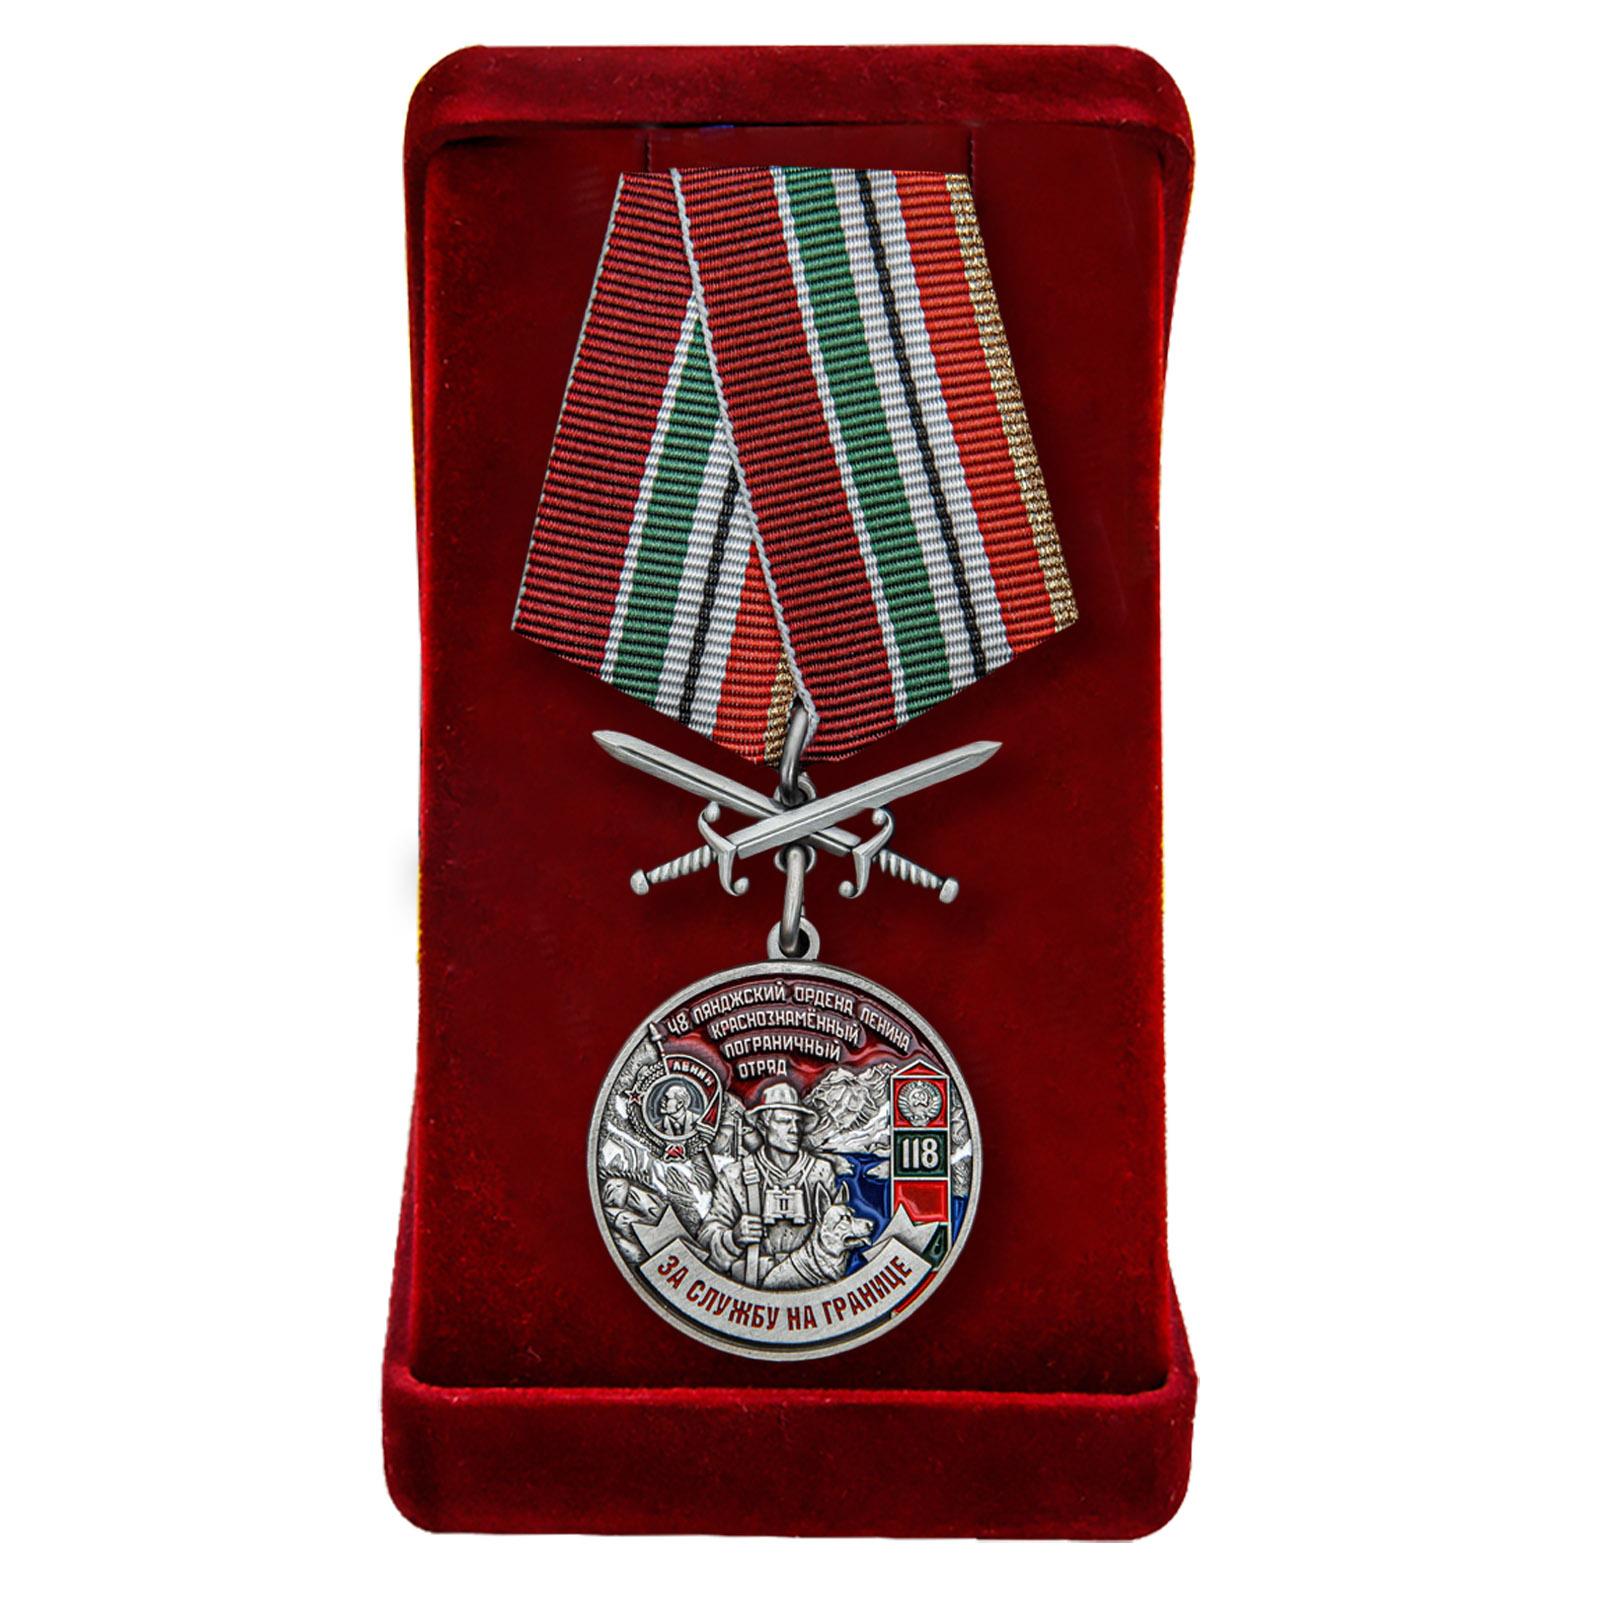 Купить медаль За службу в Пянджском пограничном отряде в подарок